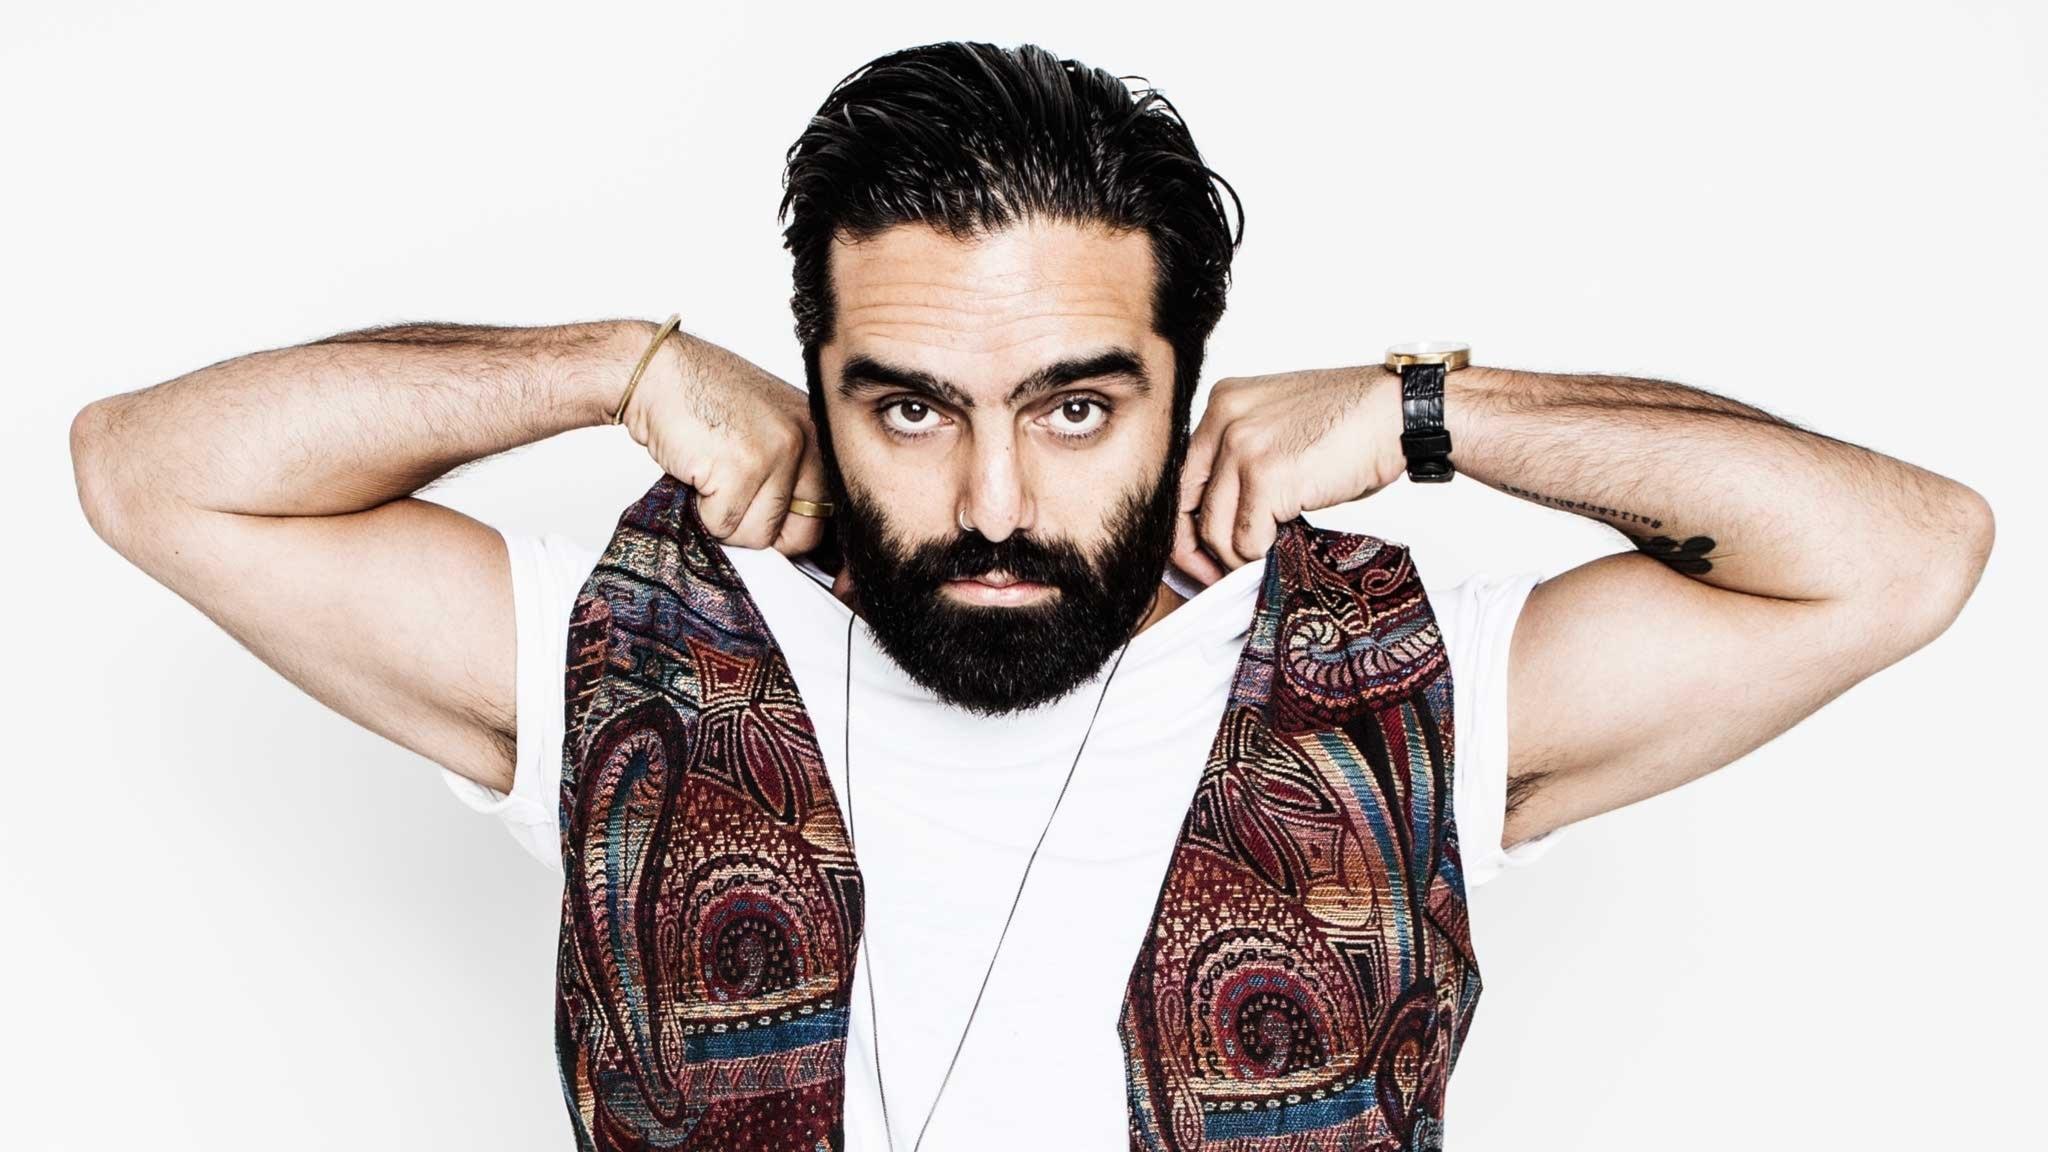 Navid Modiri - Jag måste dö för att växa upp.